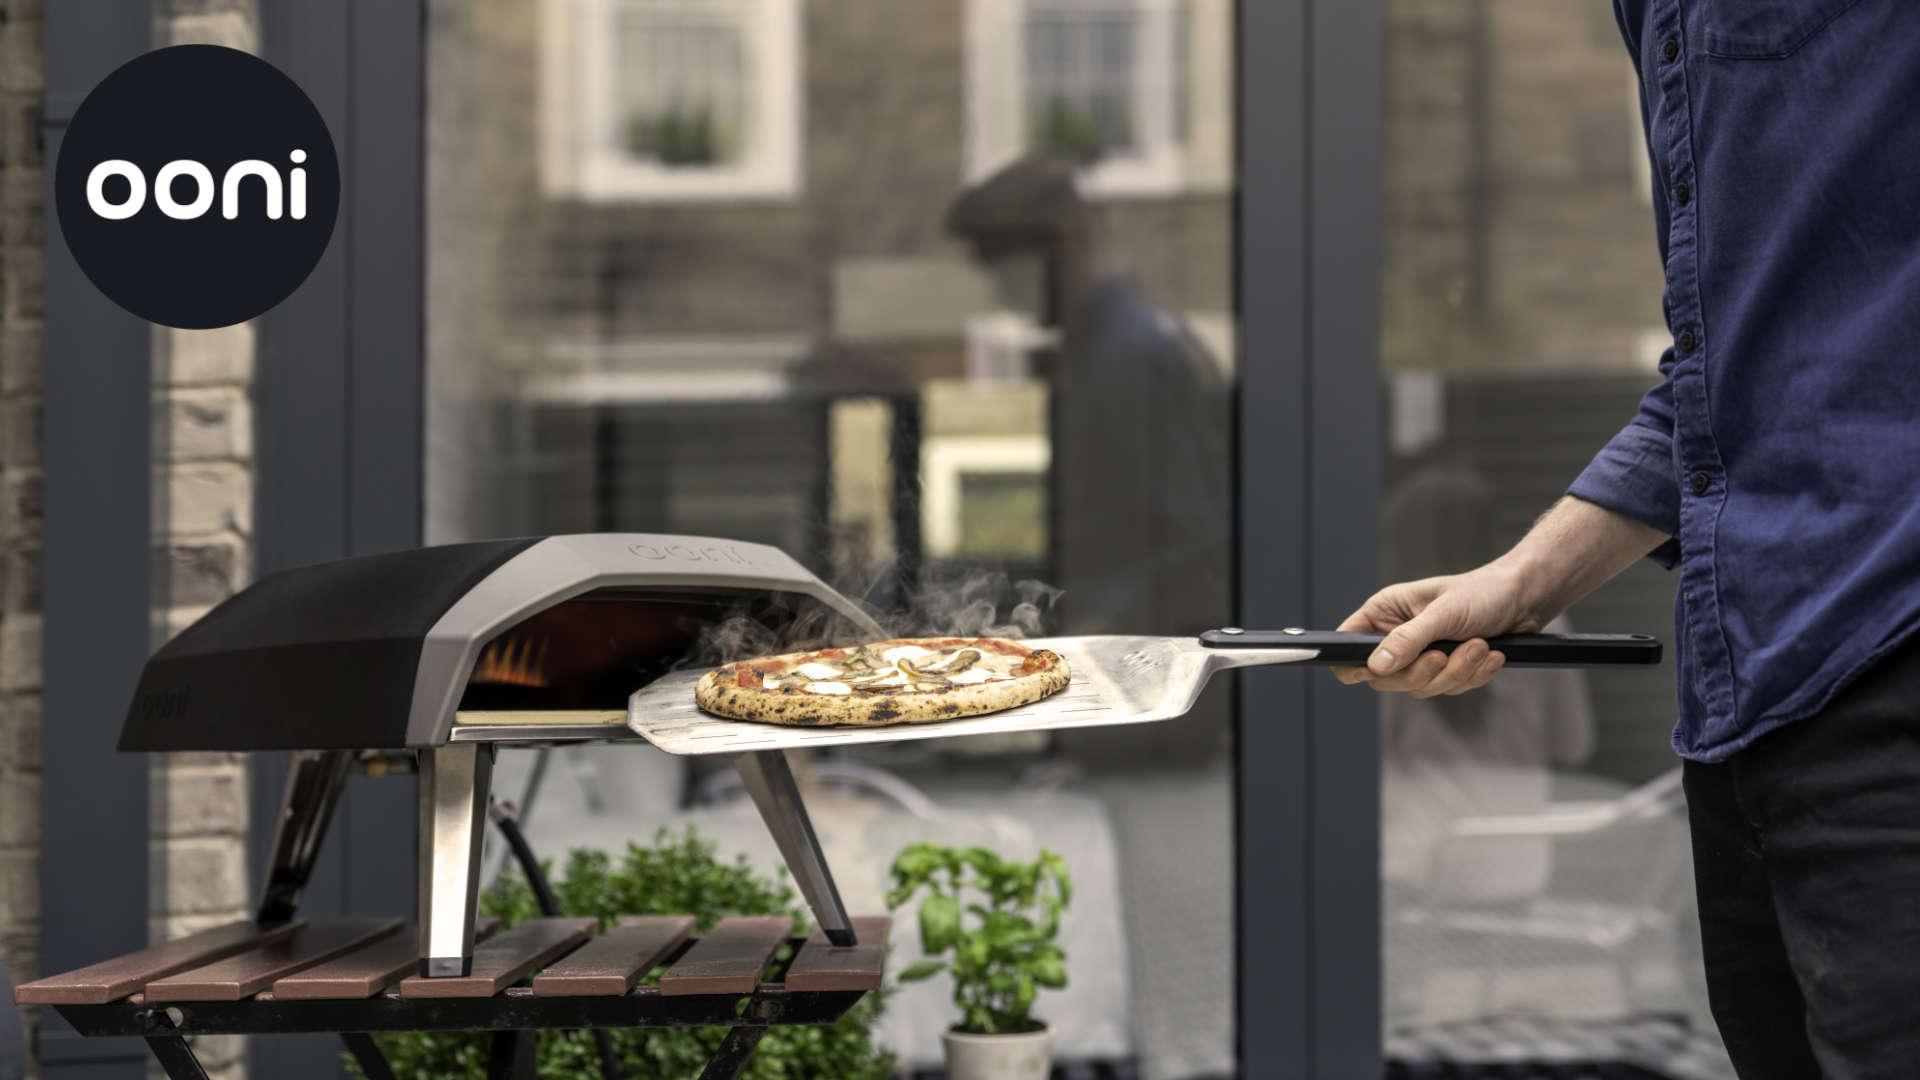 Oooni Koda Pizza